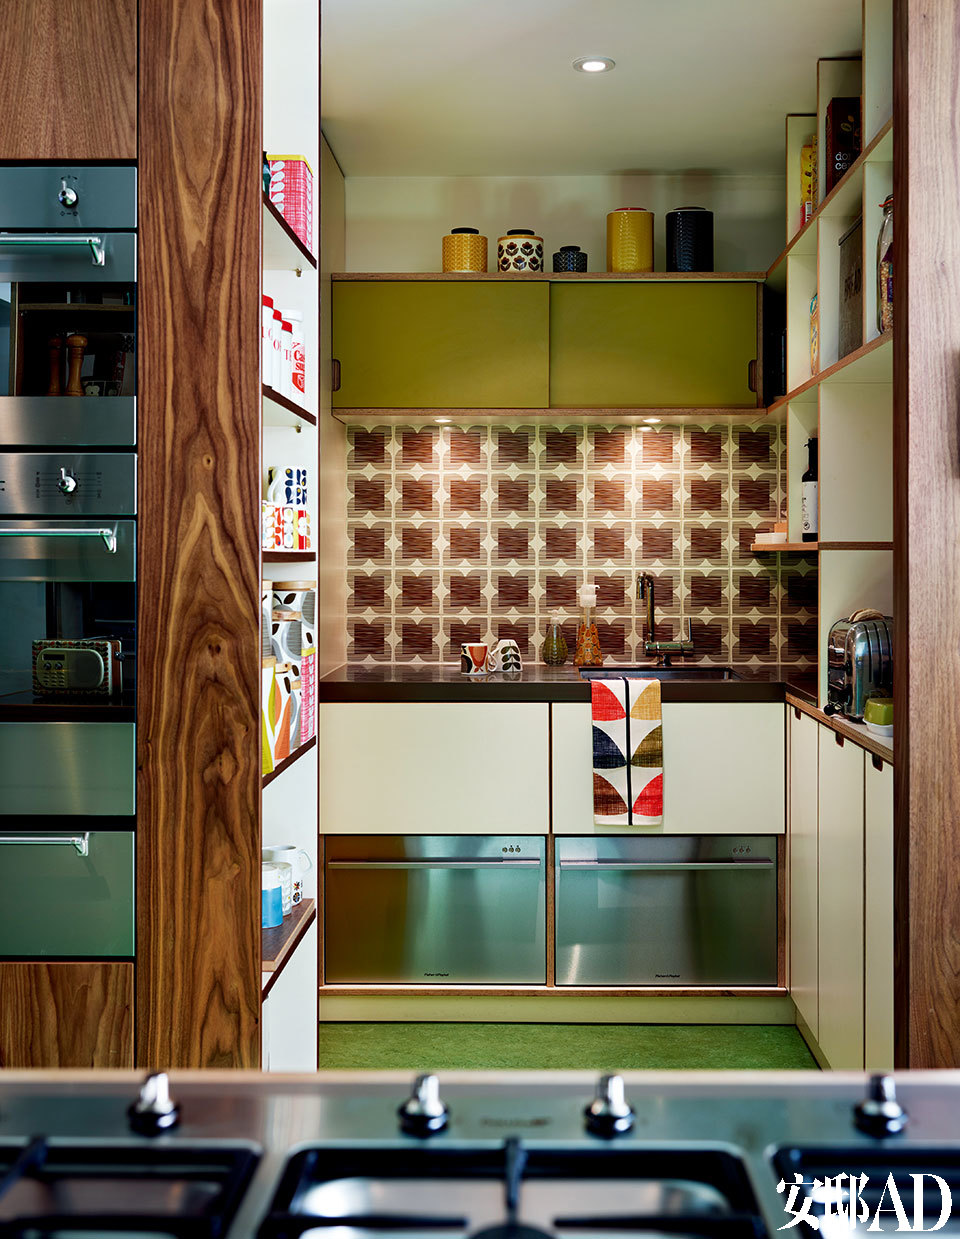 开放式厨房旁边,有一个备餐和储物的空间,设计简单、实用,应用了胡桃木及带有Orla标志性图案的防溅挡板。